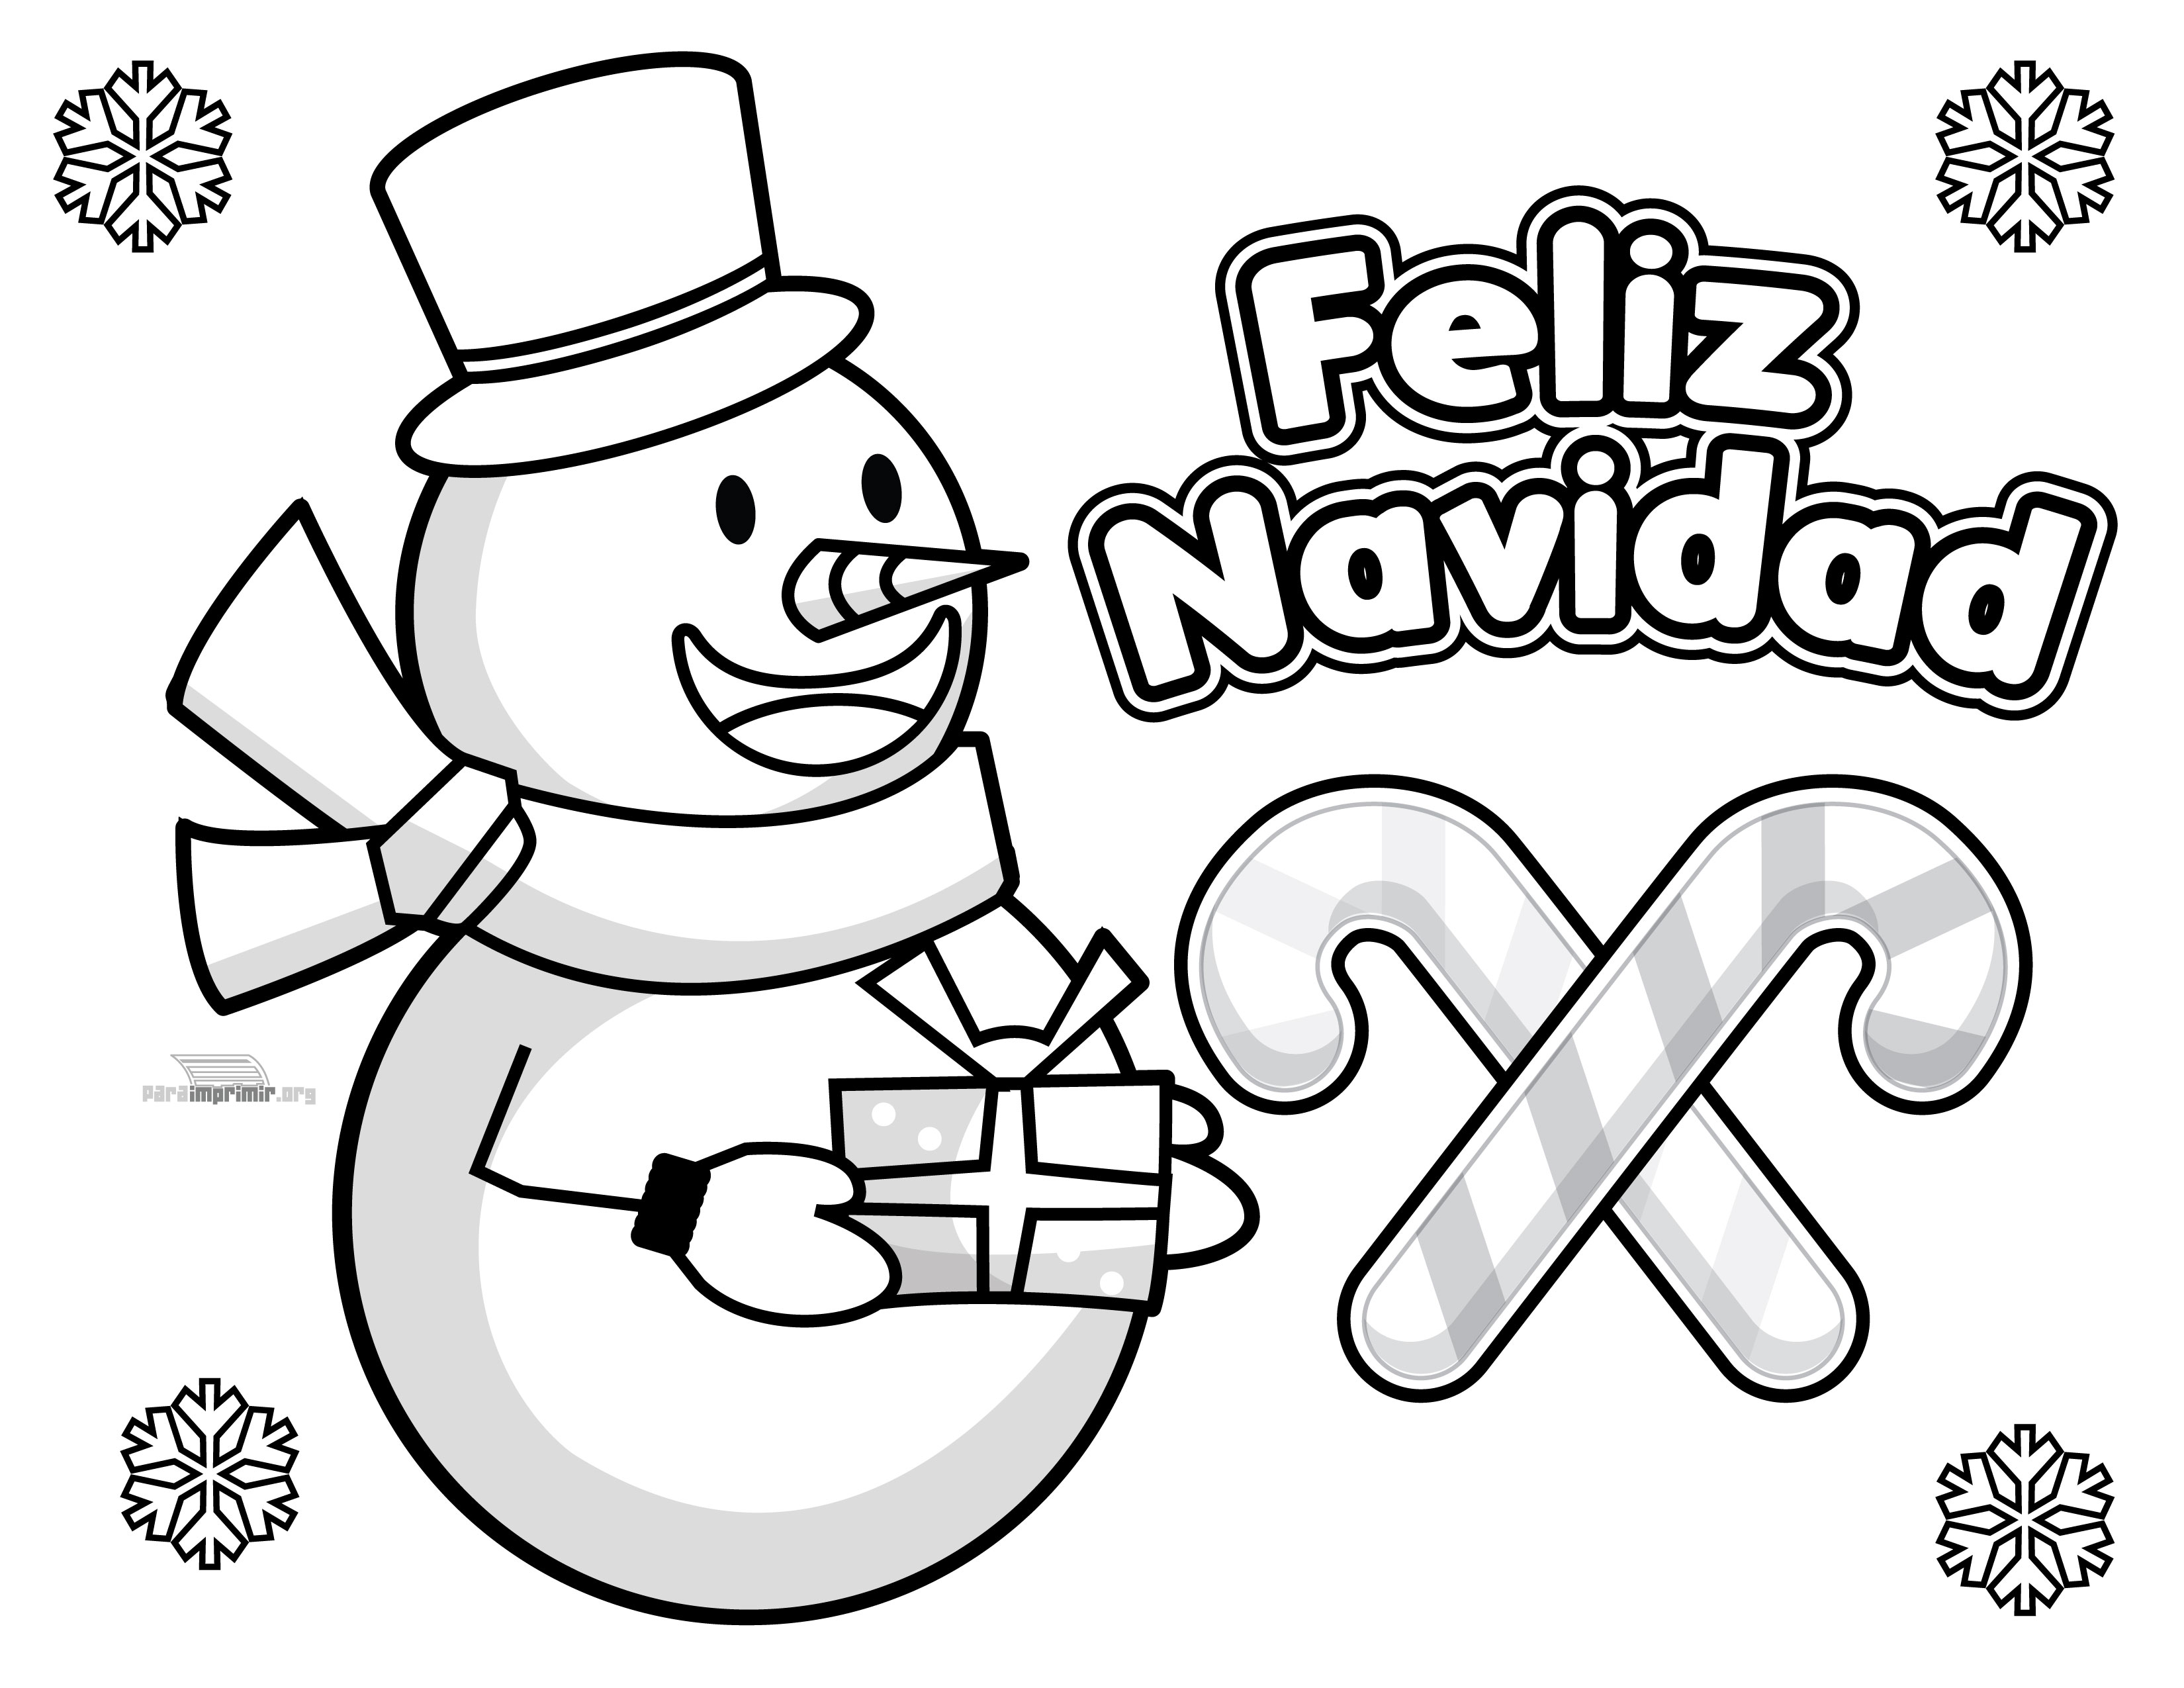 Dibujos De Navidad Para Imprimir. Simple Dibujos De Navidad Para ...